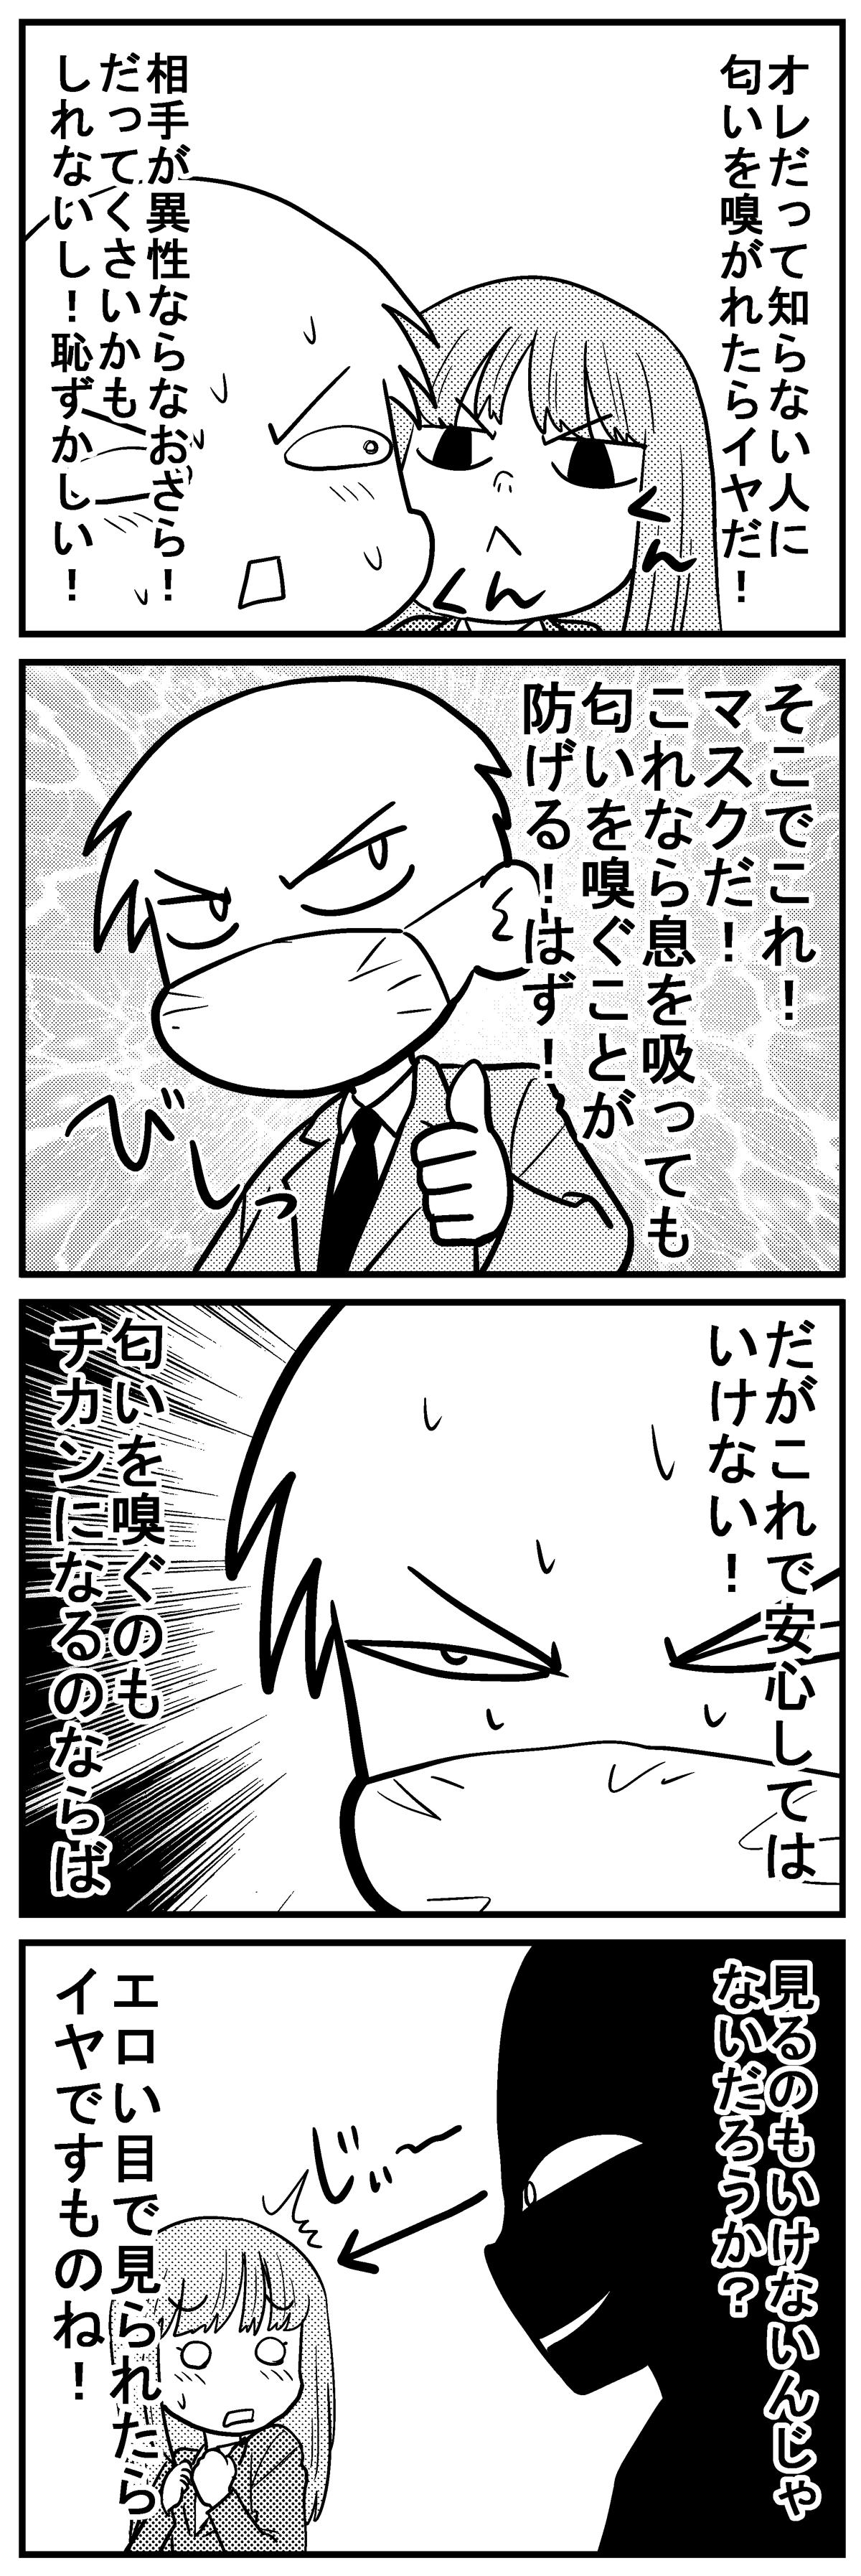 深読みくん53-3